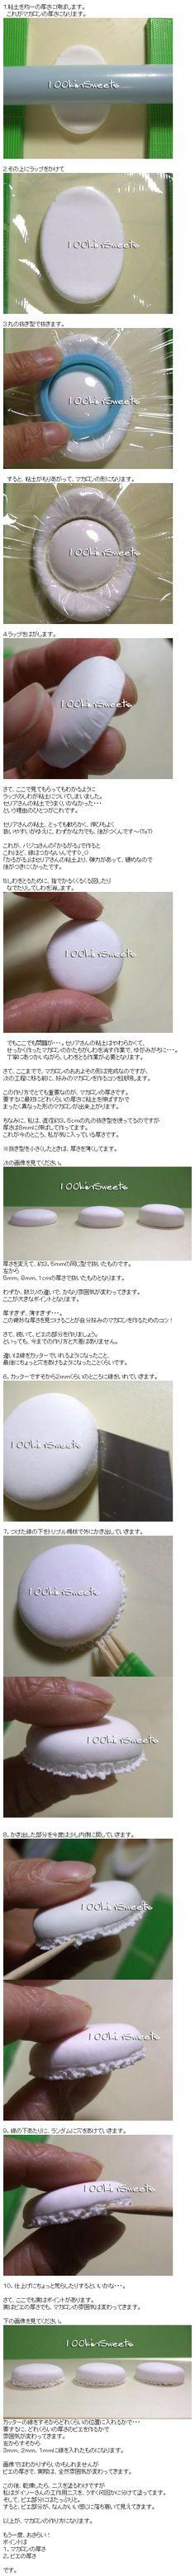 マカロンの作り方 Making fake sweets with materials bought from dollar stores! (JP)